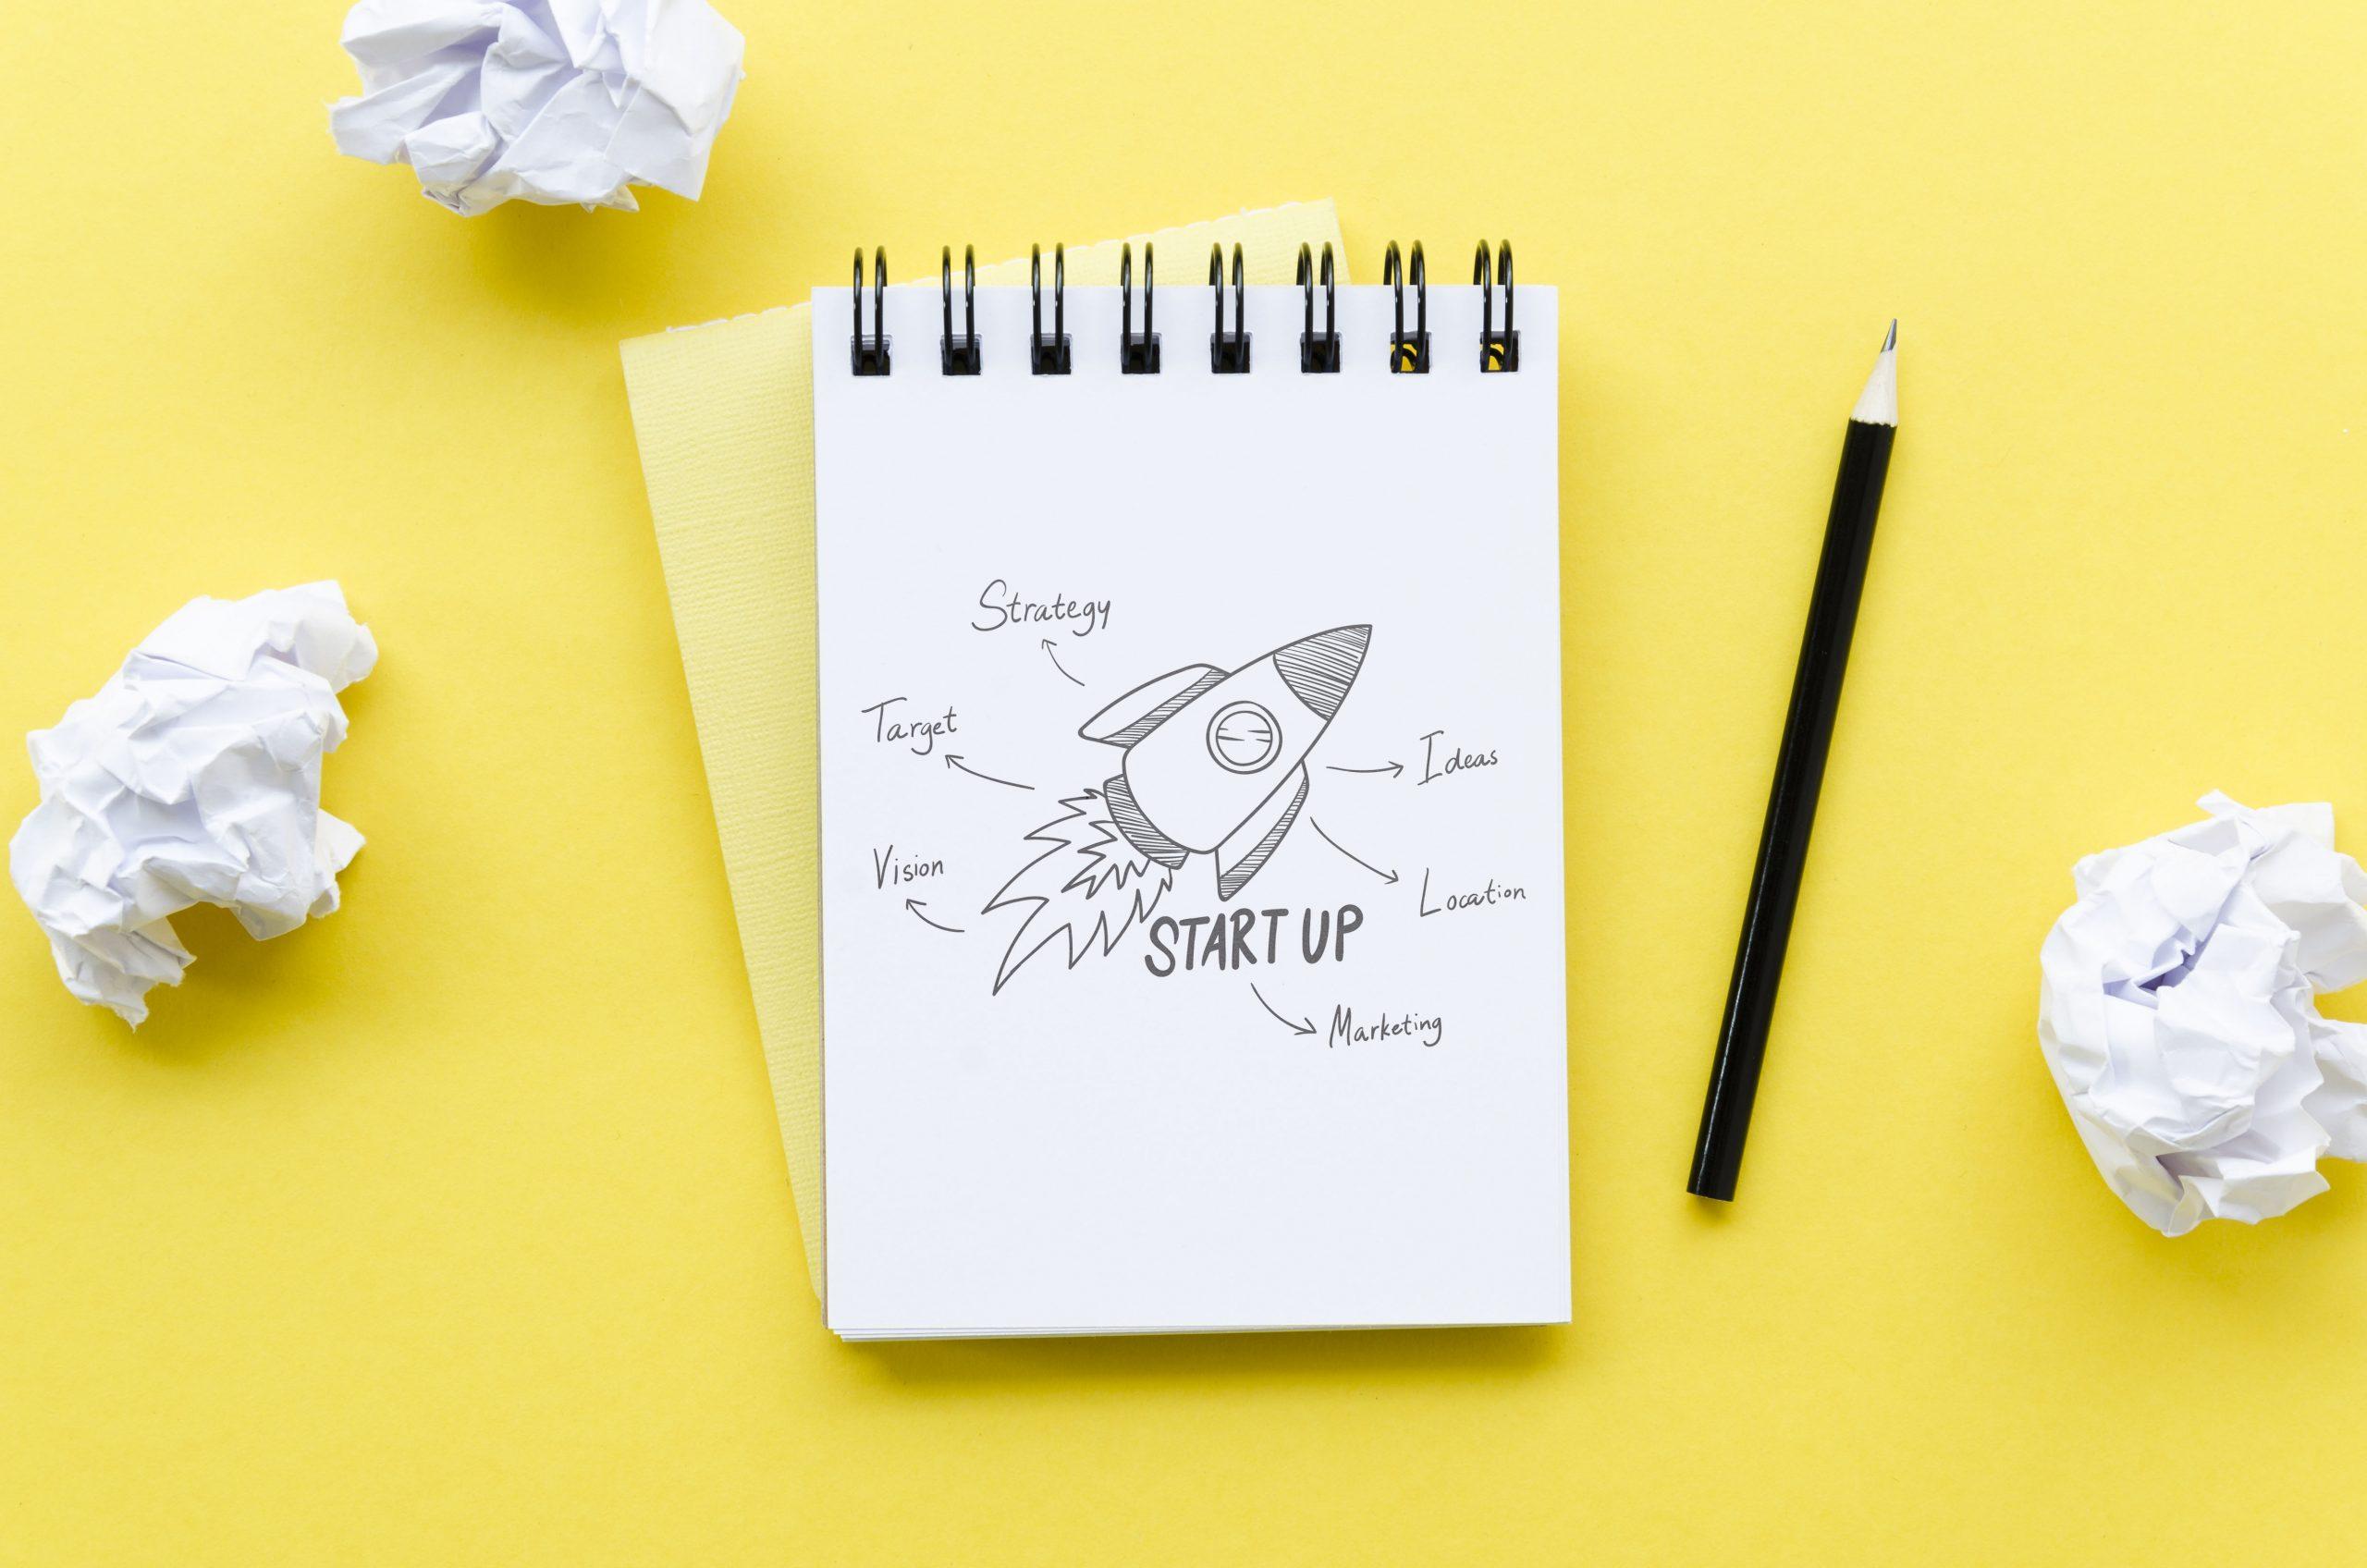 citron sorbet est un studio graphique spécialisé dans la création et refonte de logos